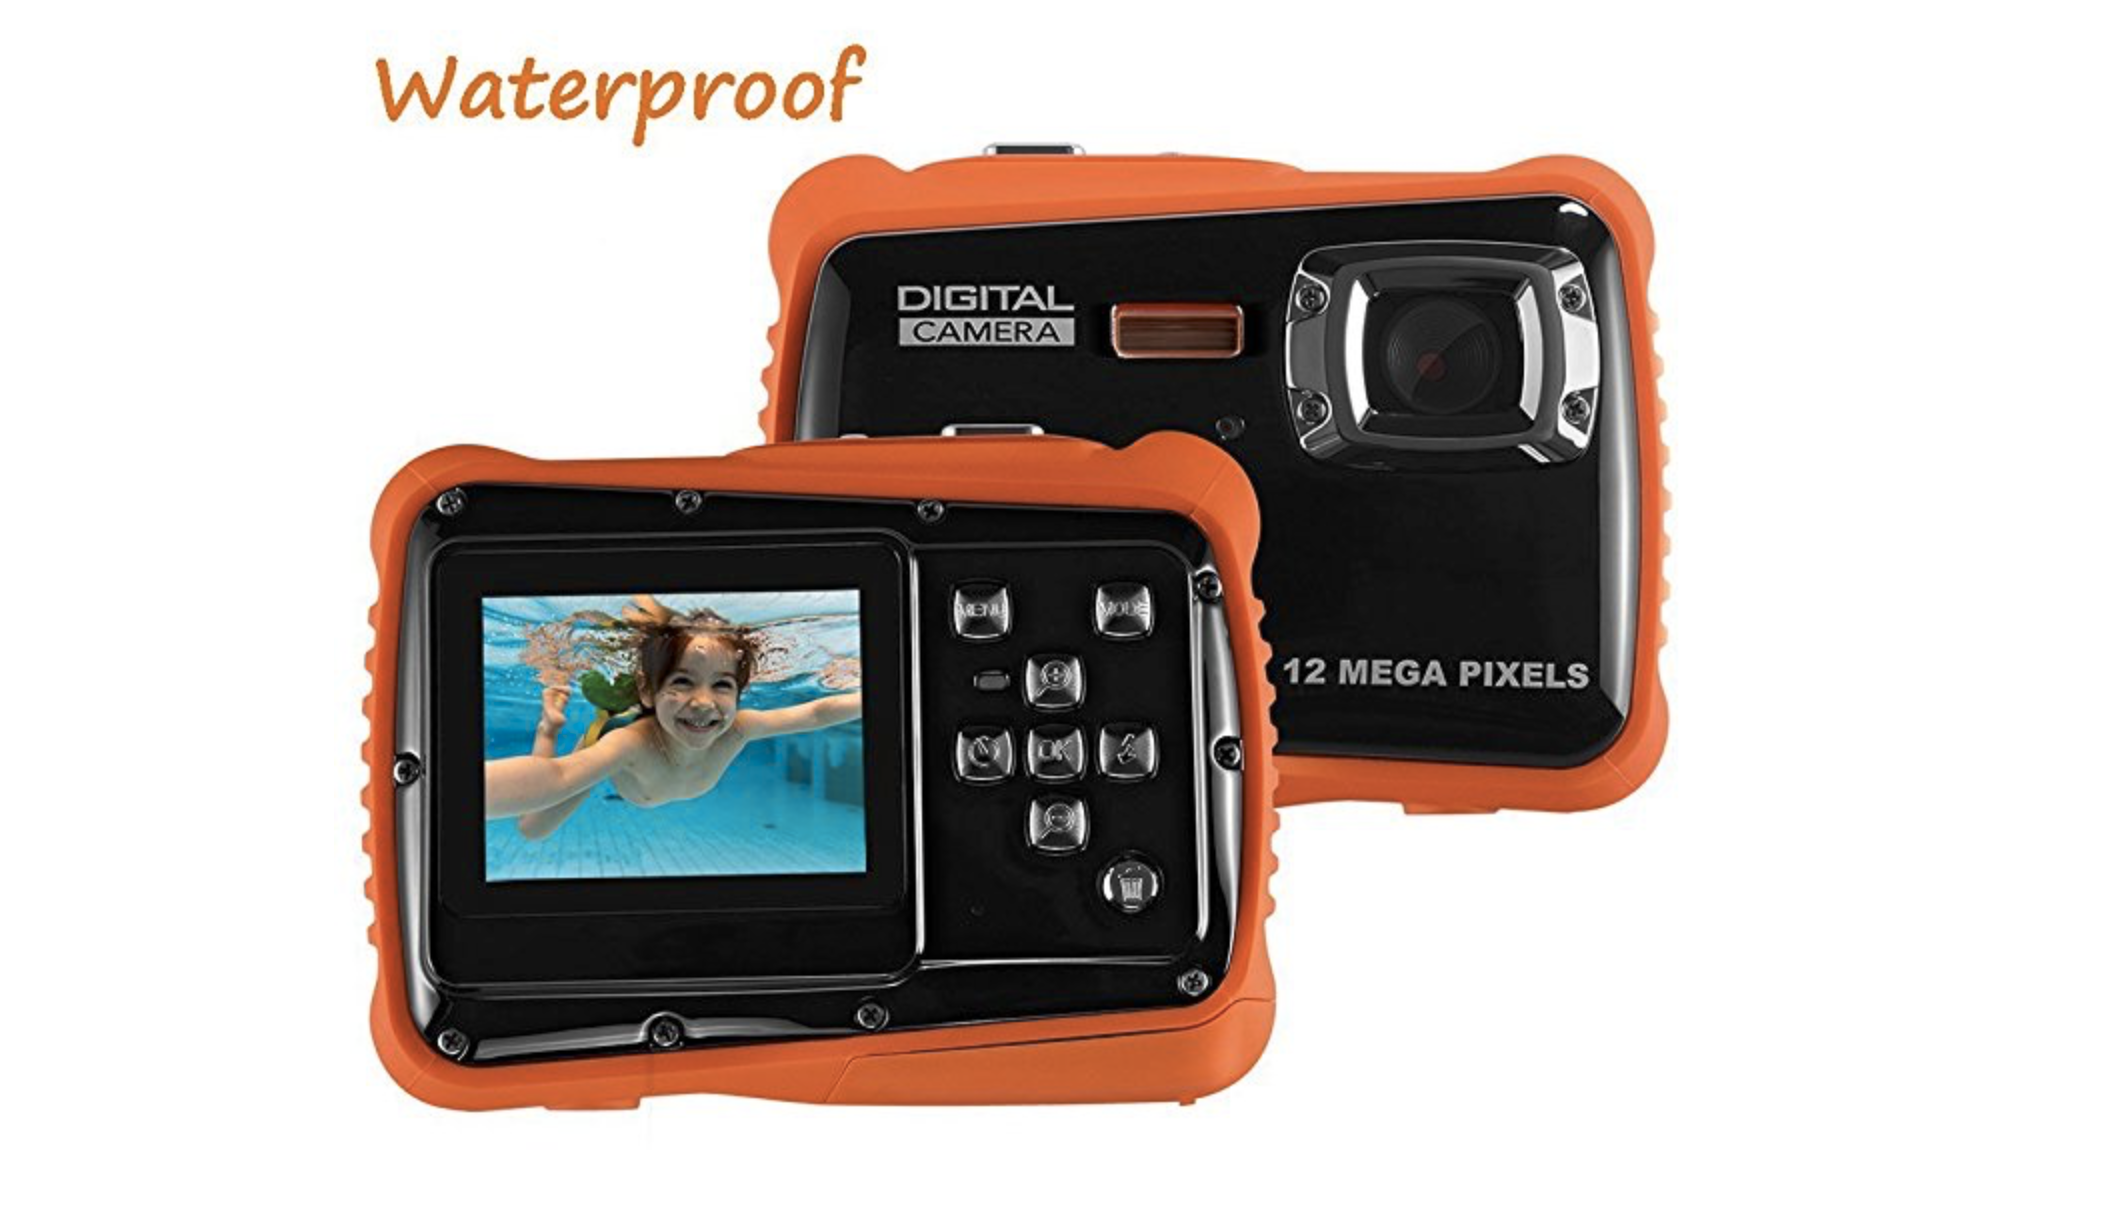 waterproof kids camera orange